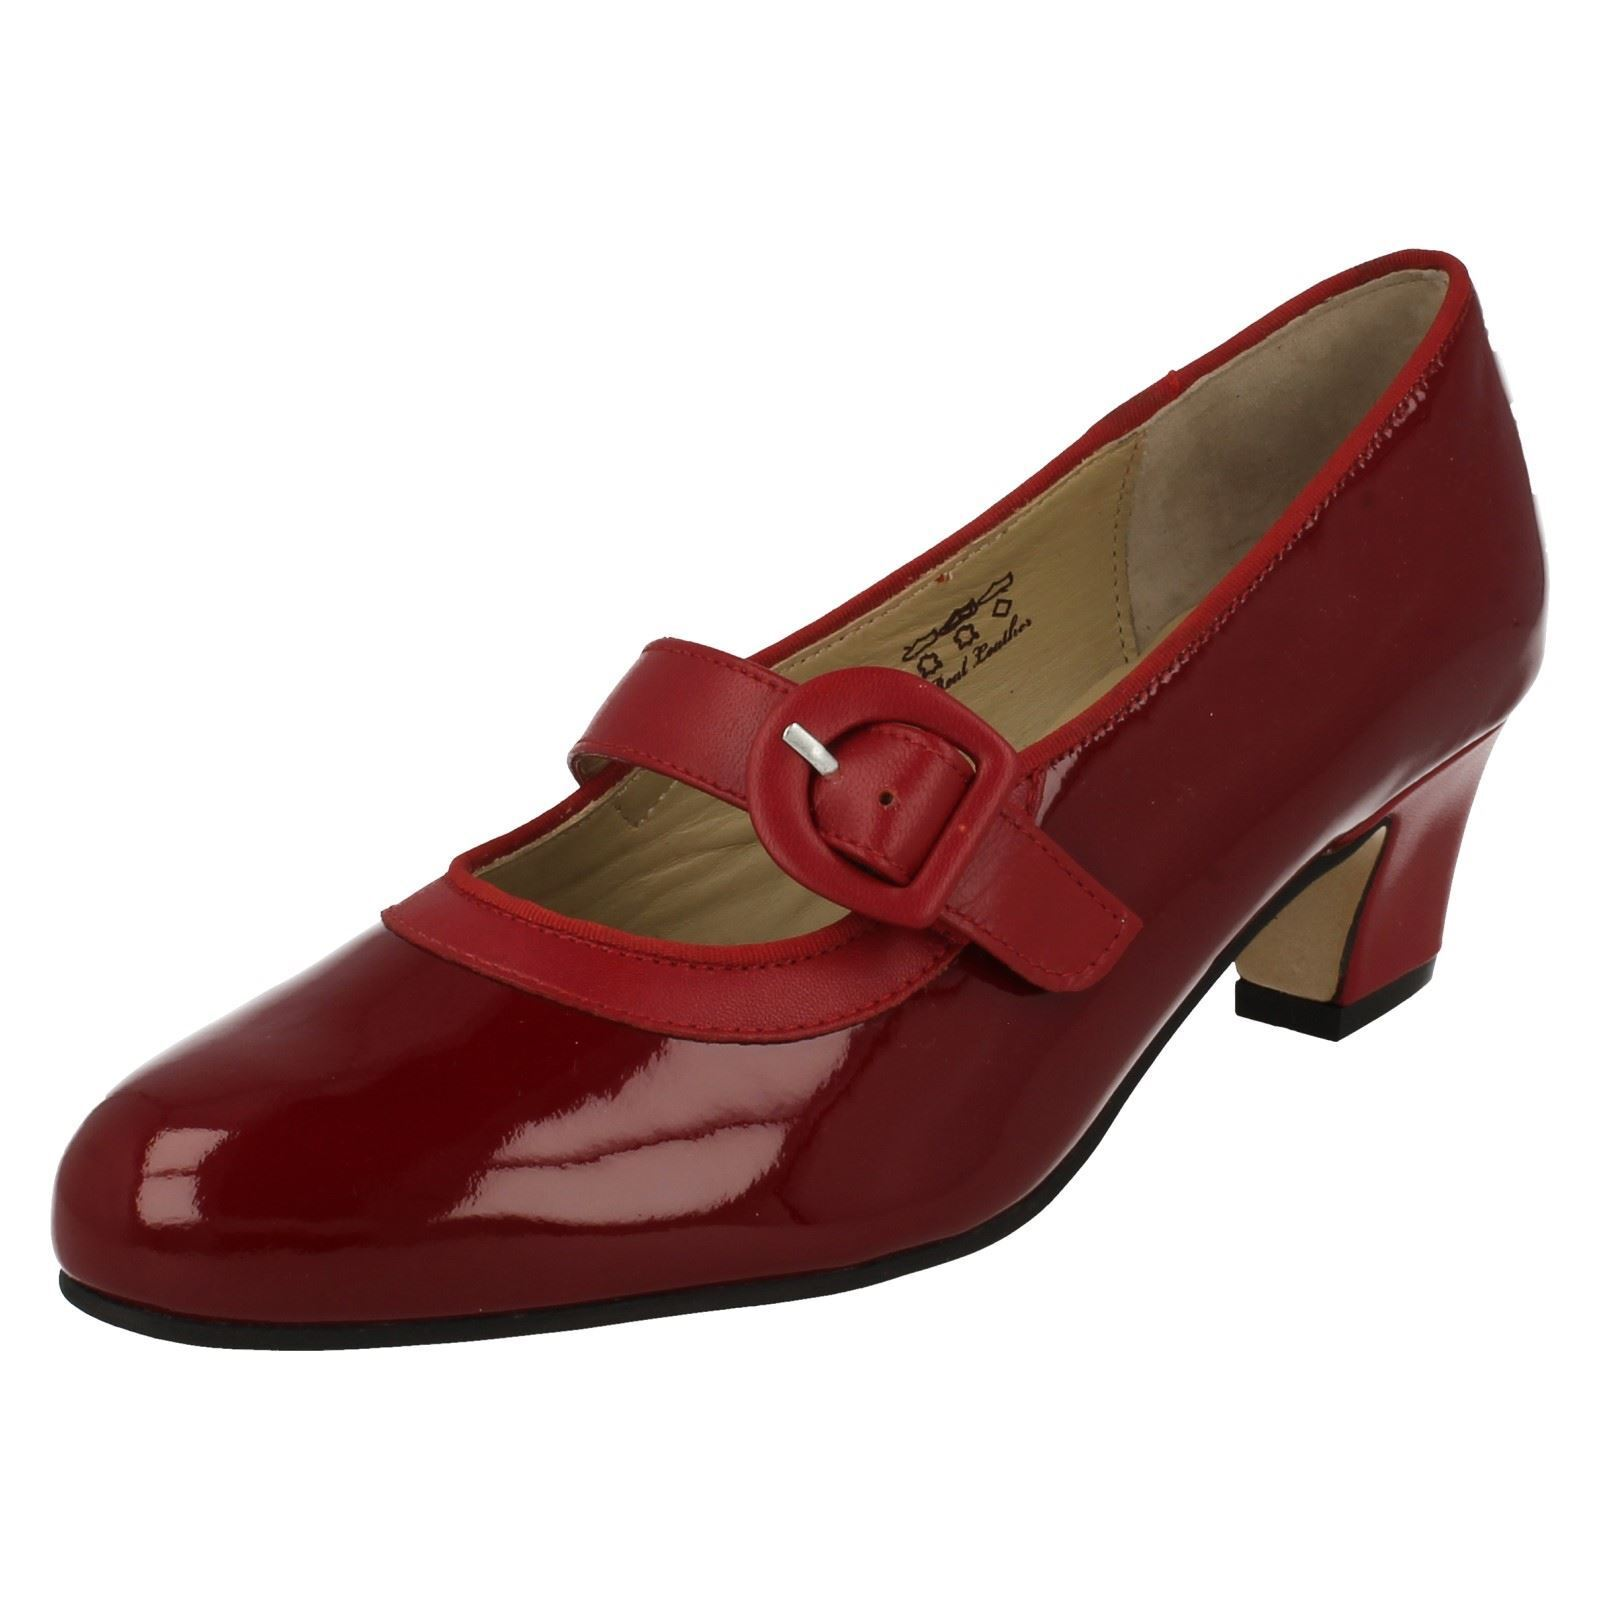 Señoras Zapatos equidad Ancho del Tribunal Zapatos Señoras Maxine ceb3e7